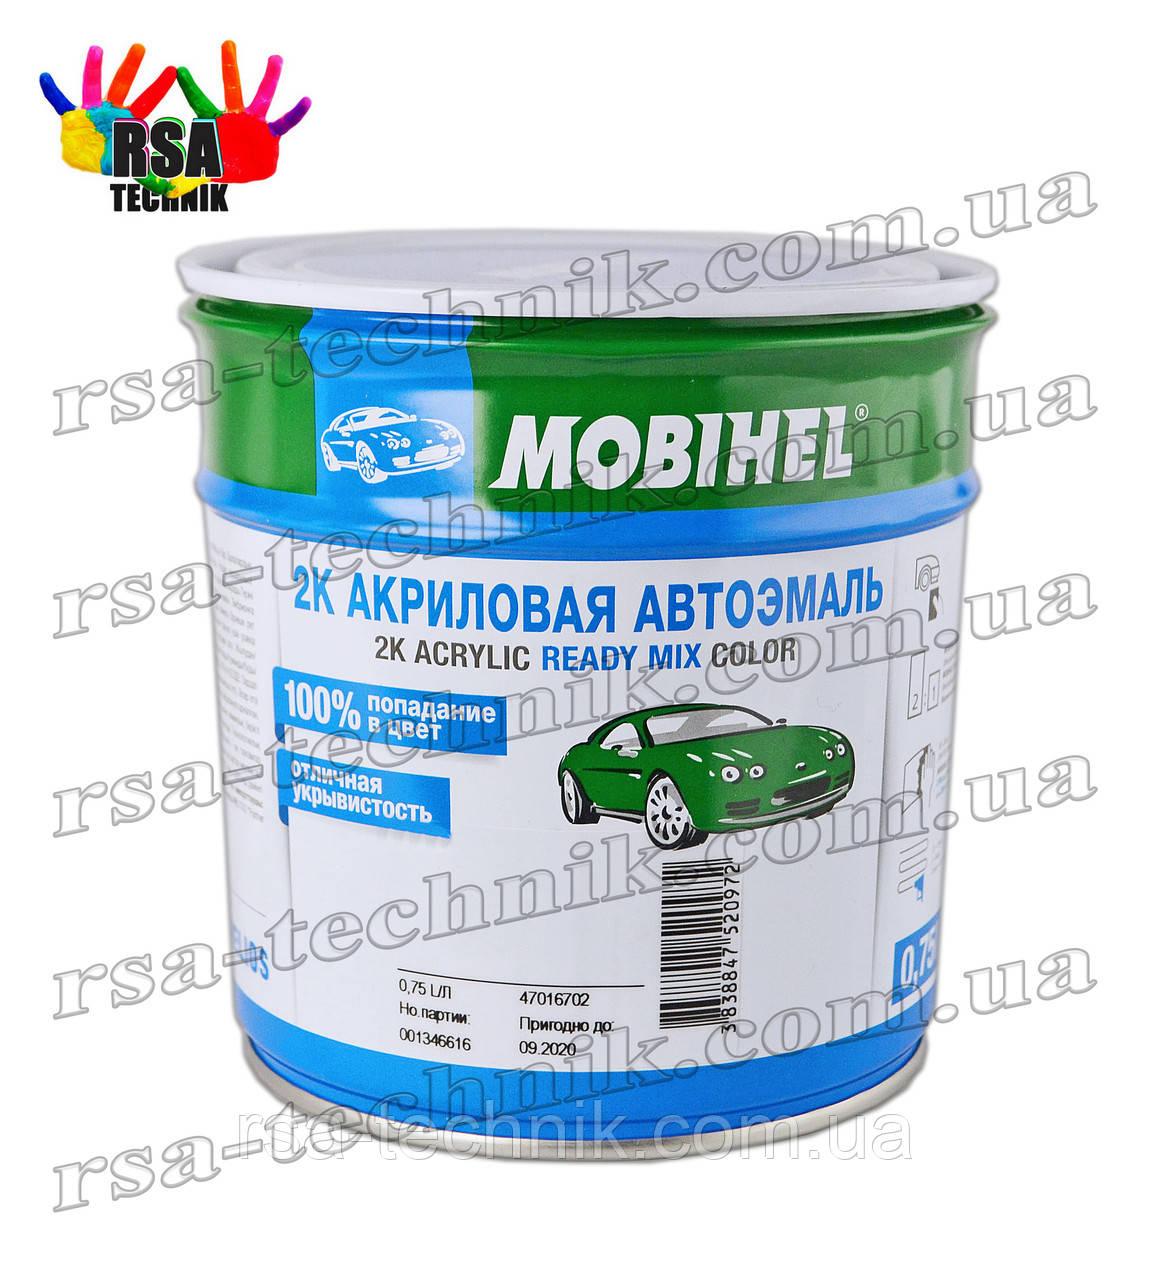 Акрилова емаль mobihel 0,75 л OPEL 259 Halit Blau